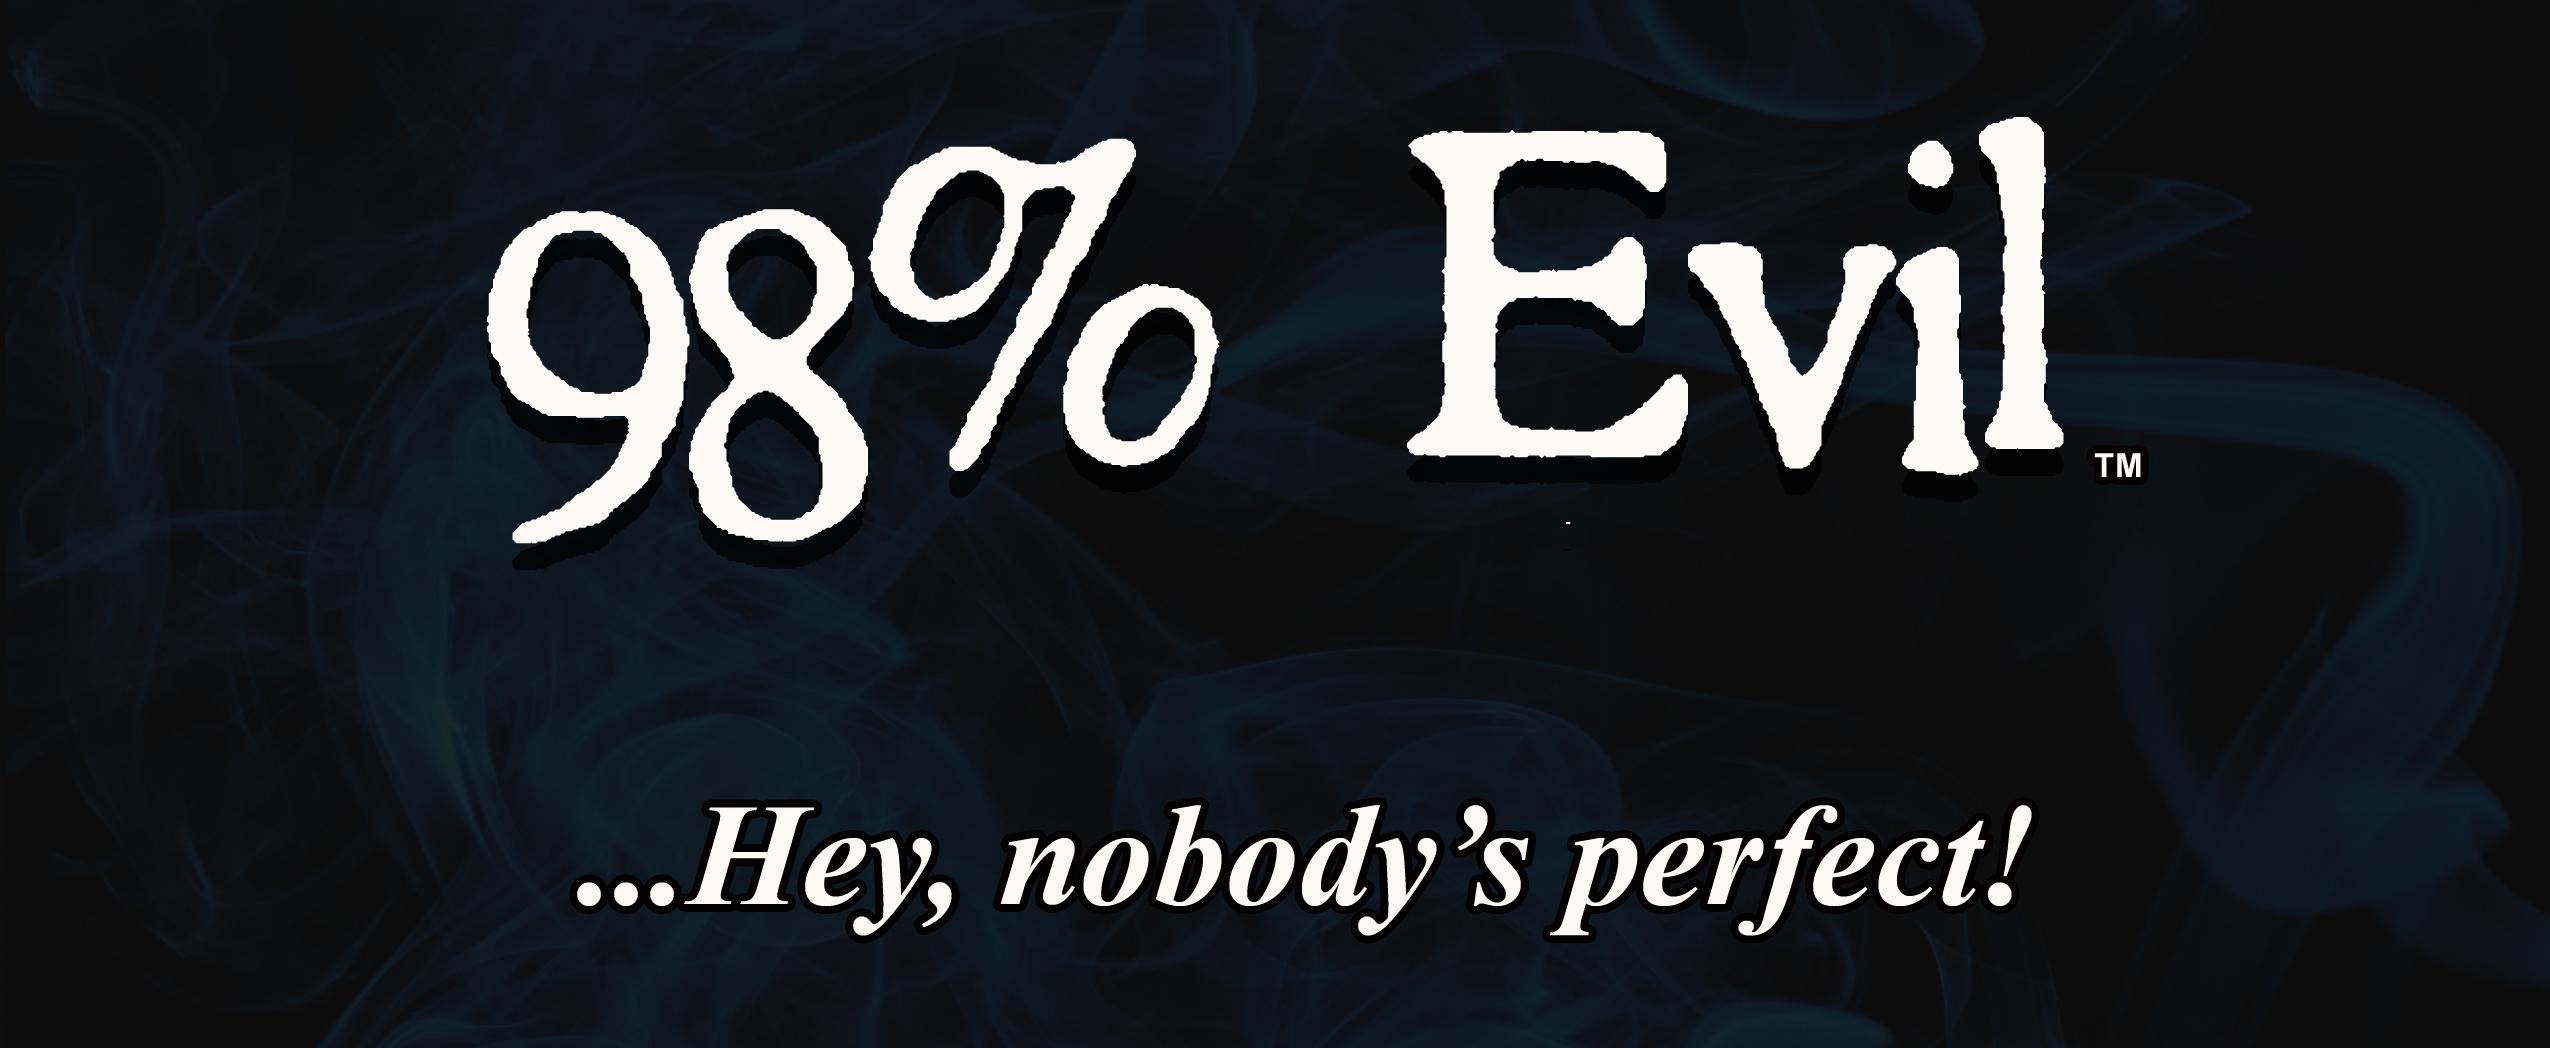 98% Evil